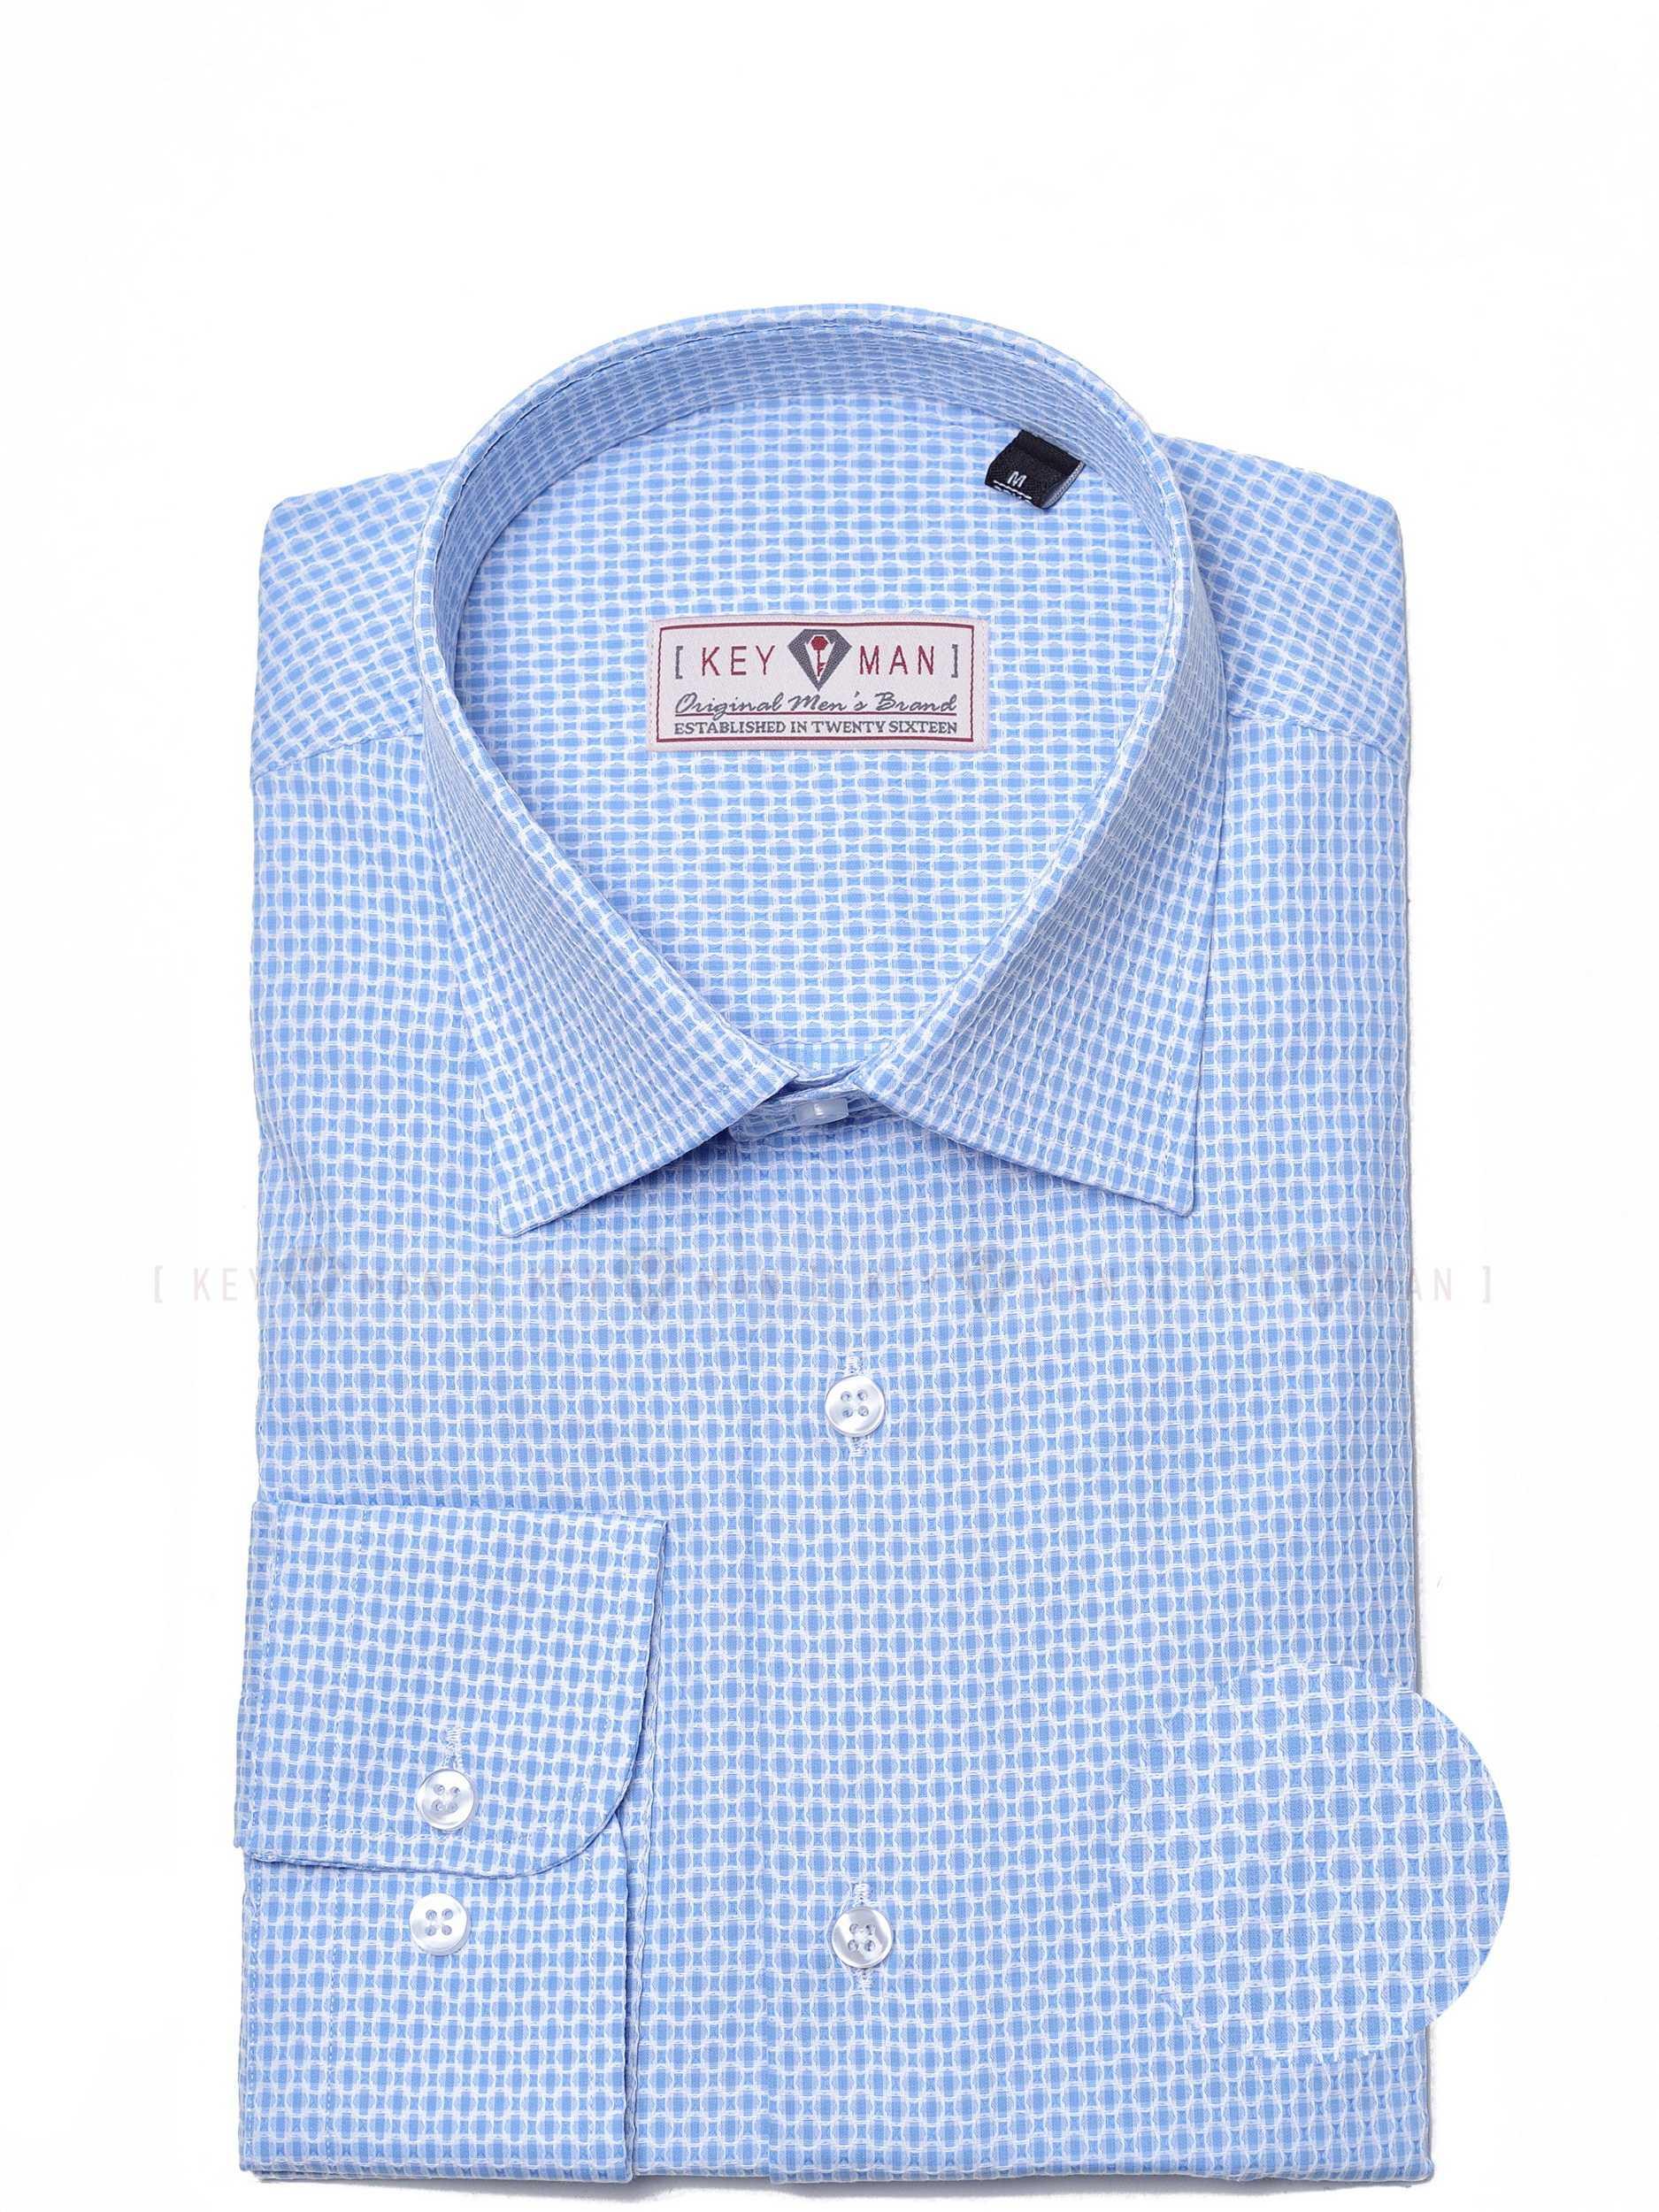 Рубашка мужская голубая с белым плетением